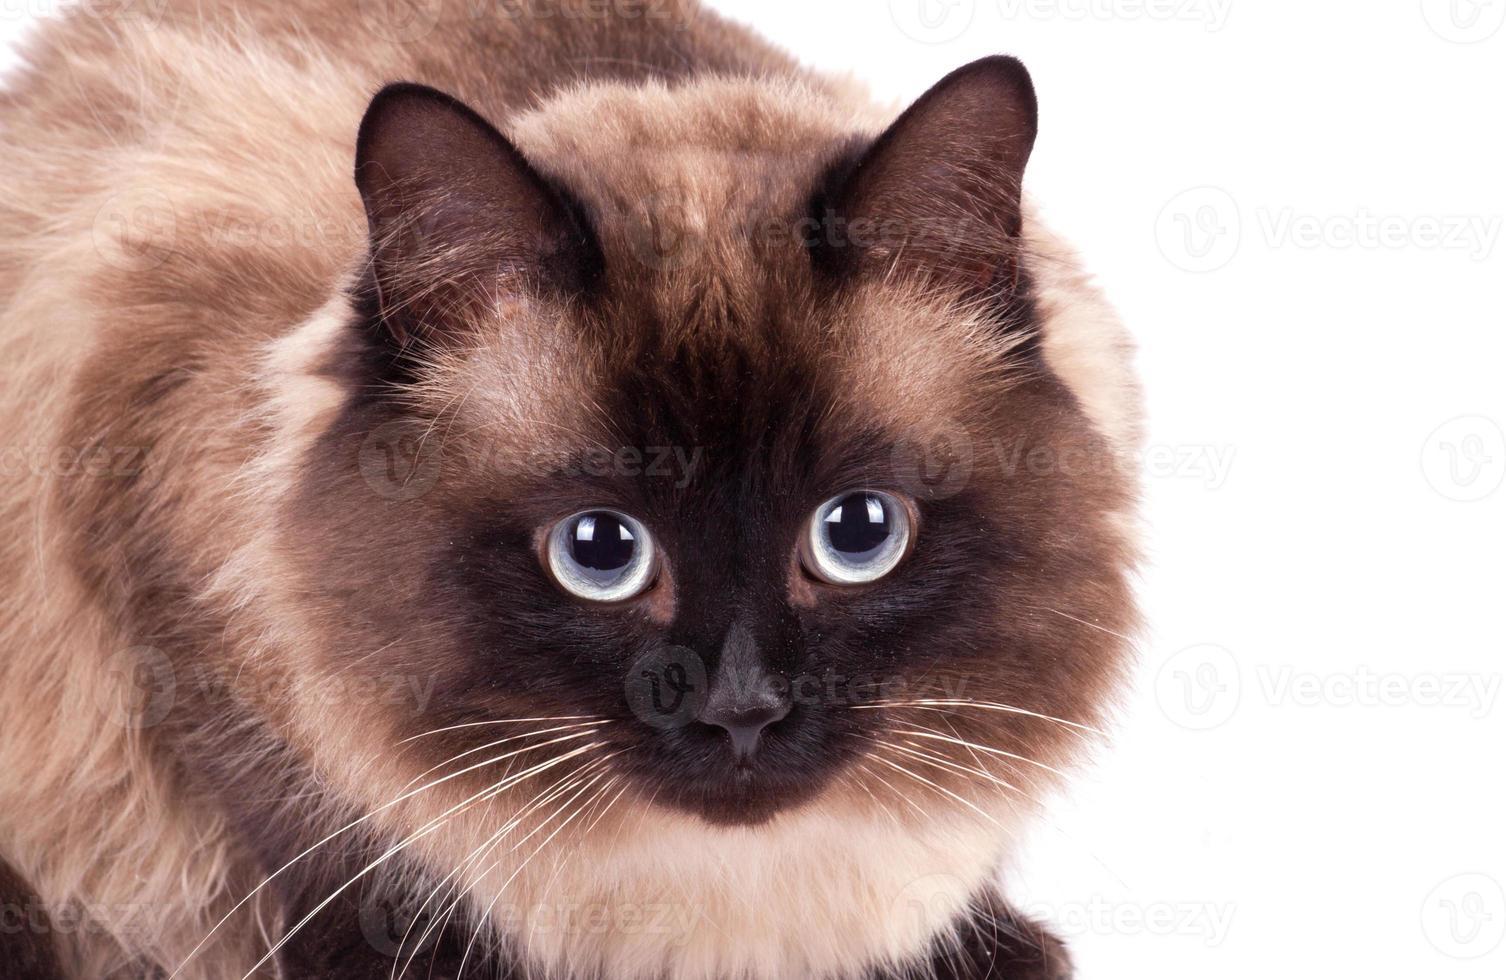 portrait d'un chat siamois photo